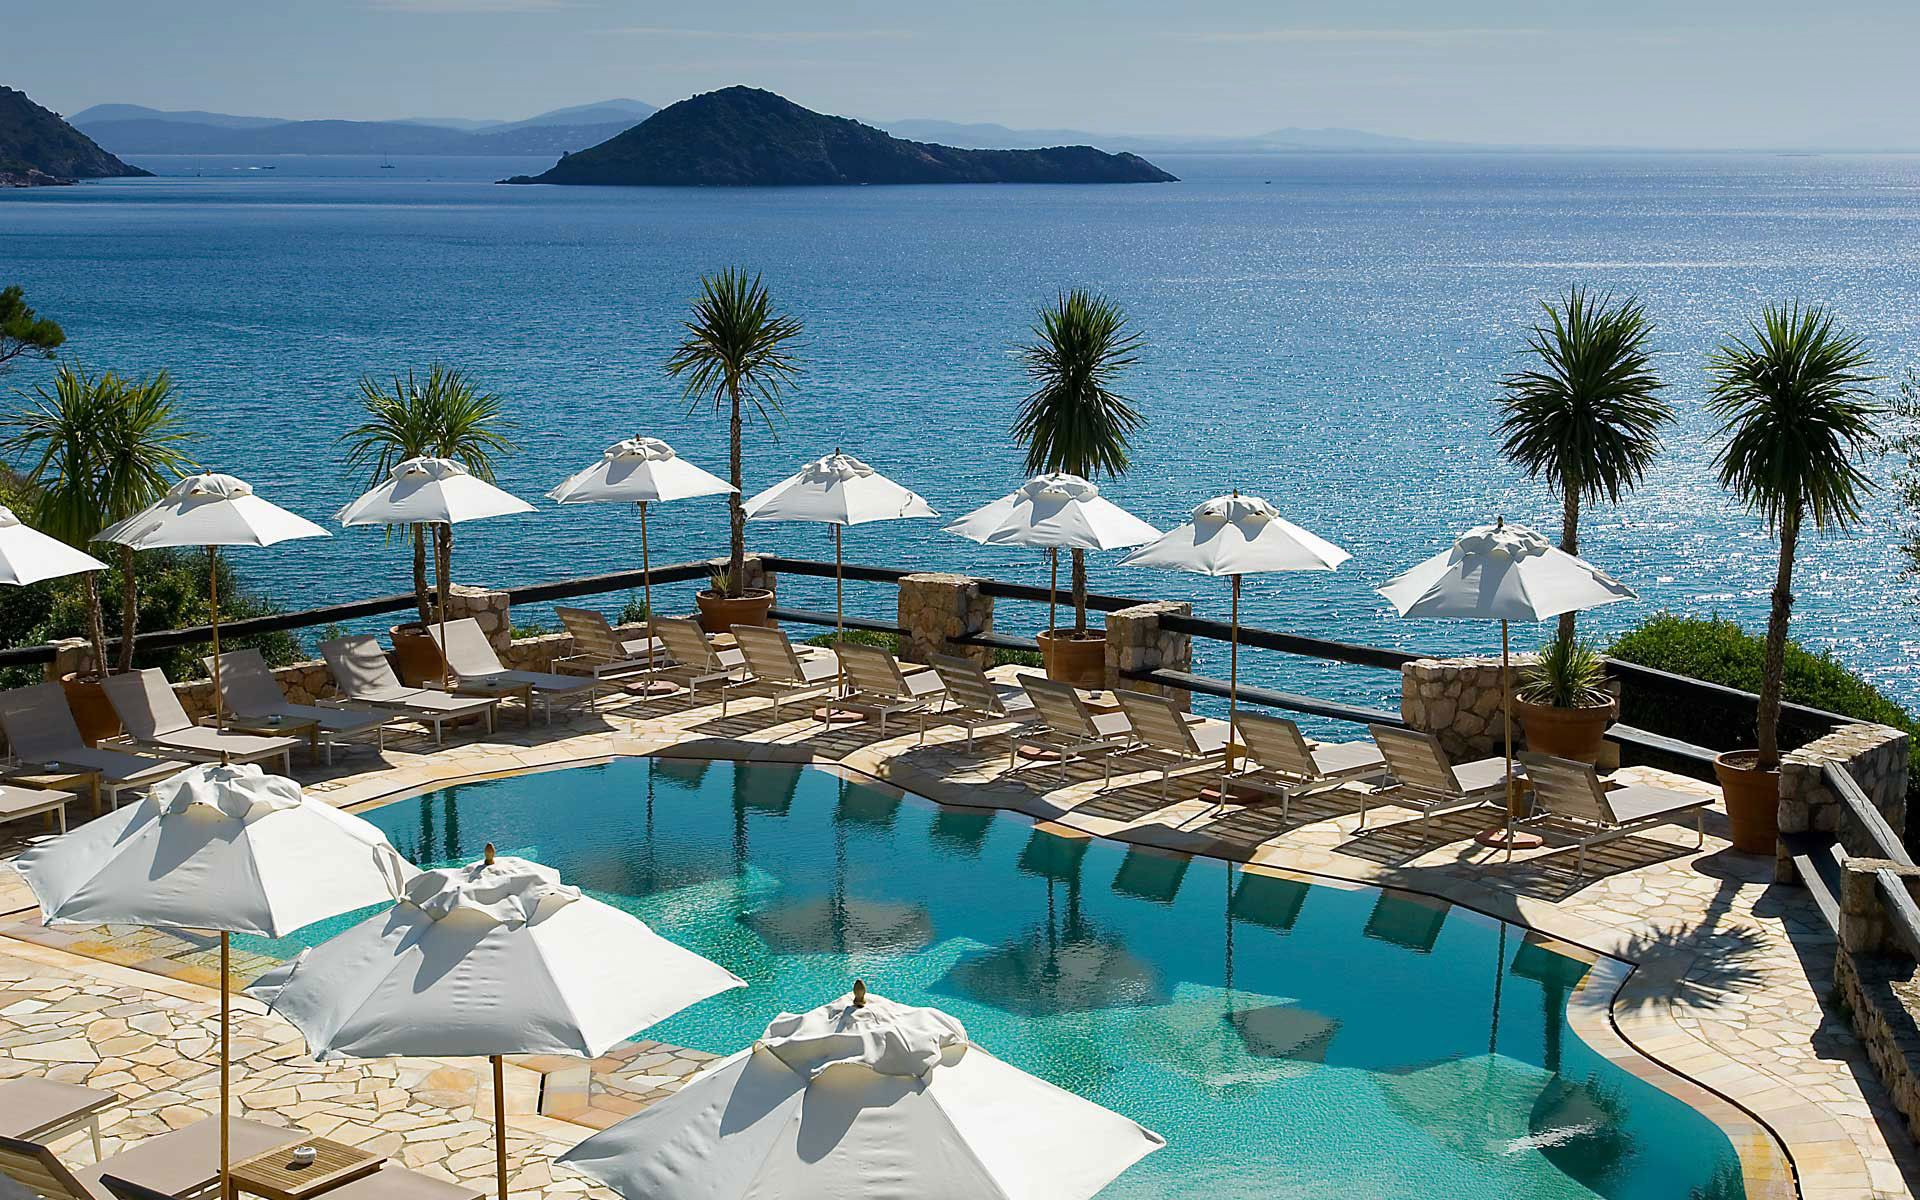 Elegante 5 Sterne Hotel Relais Chateaux In Der Toskanischen